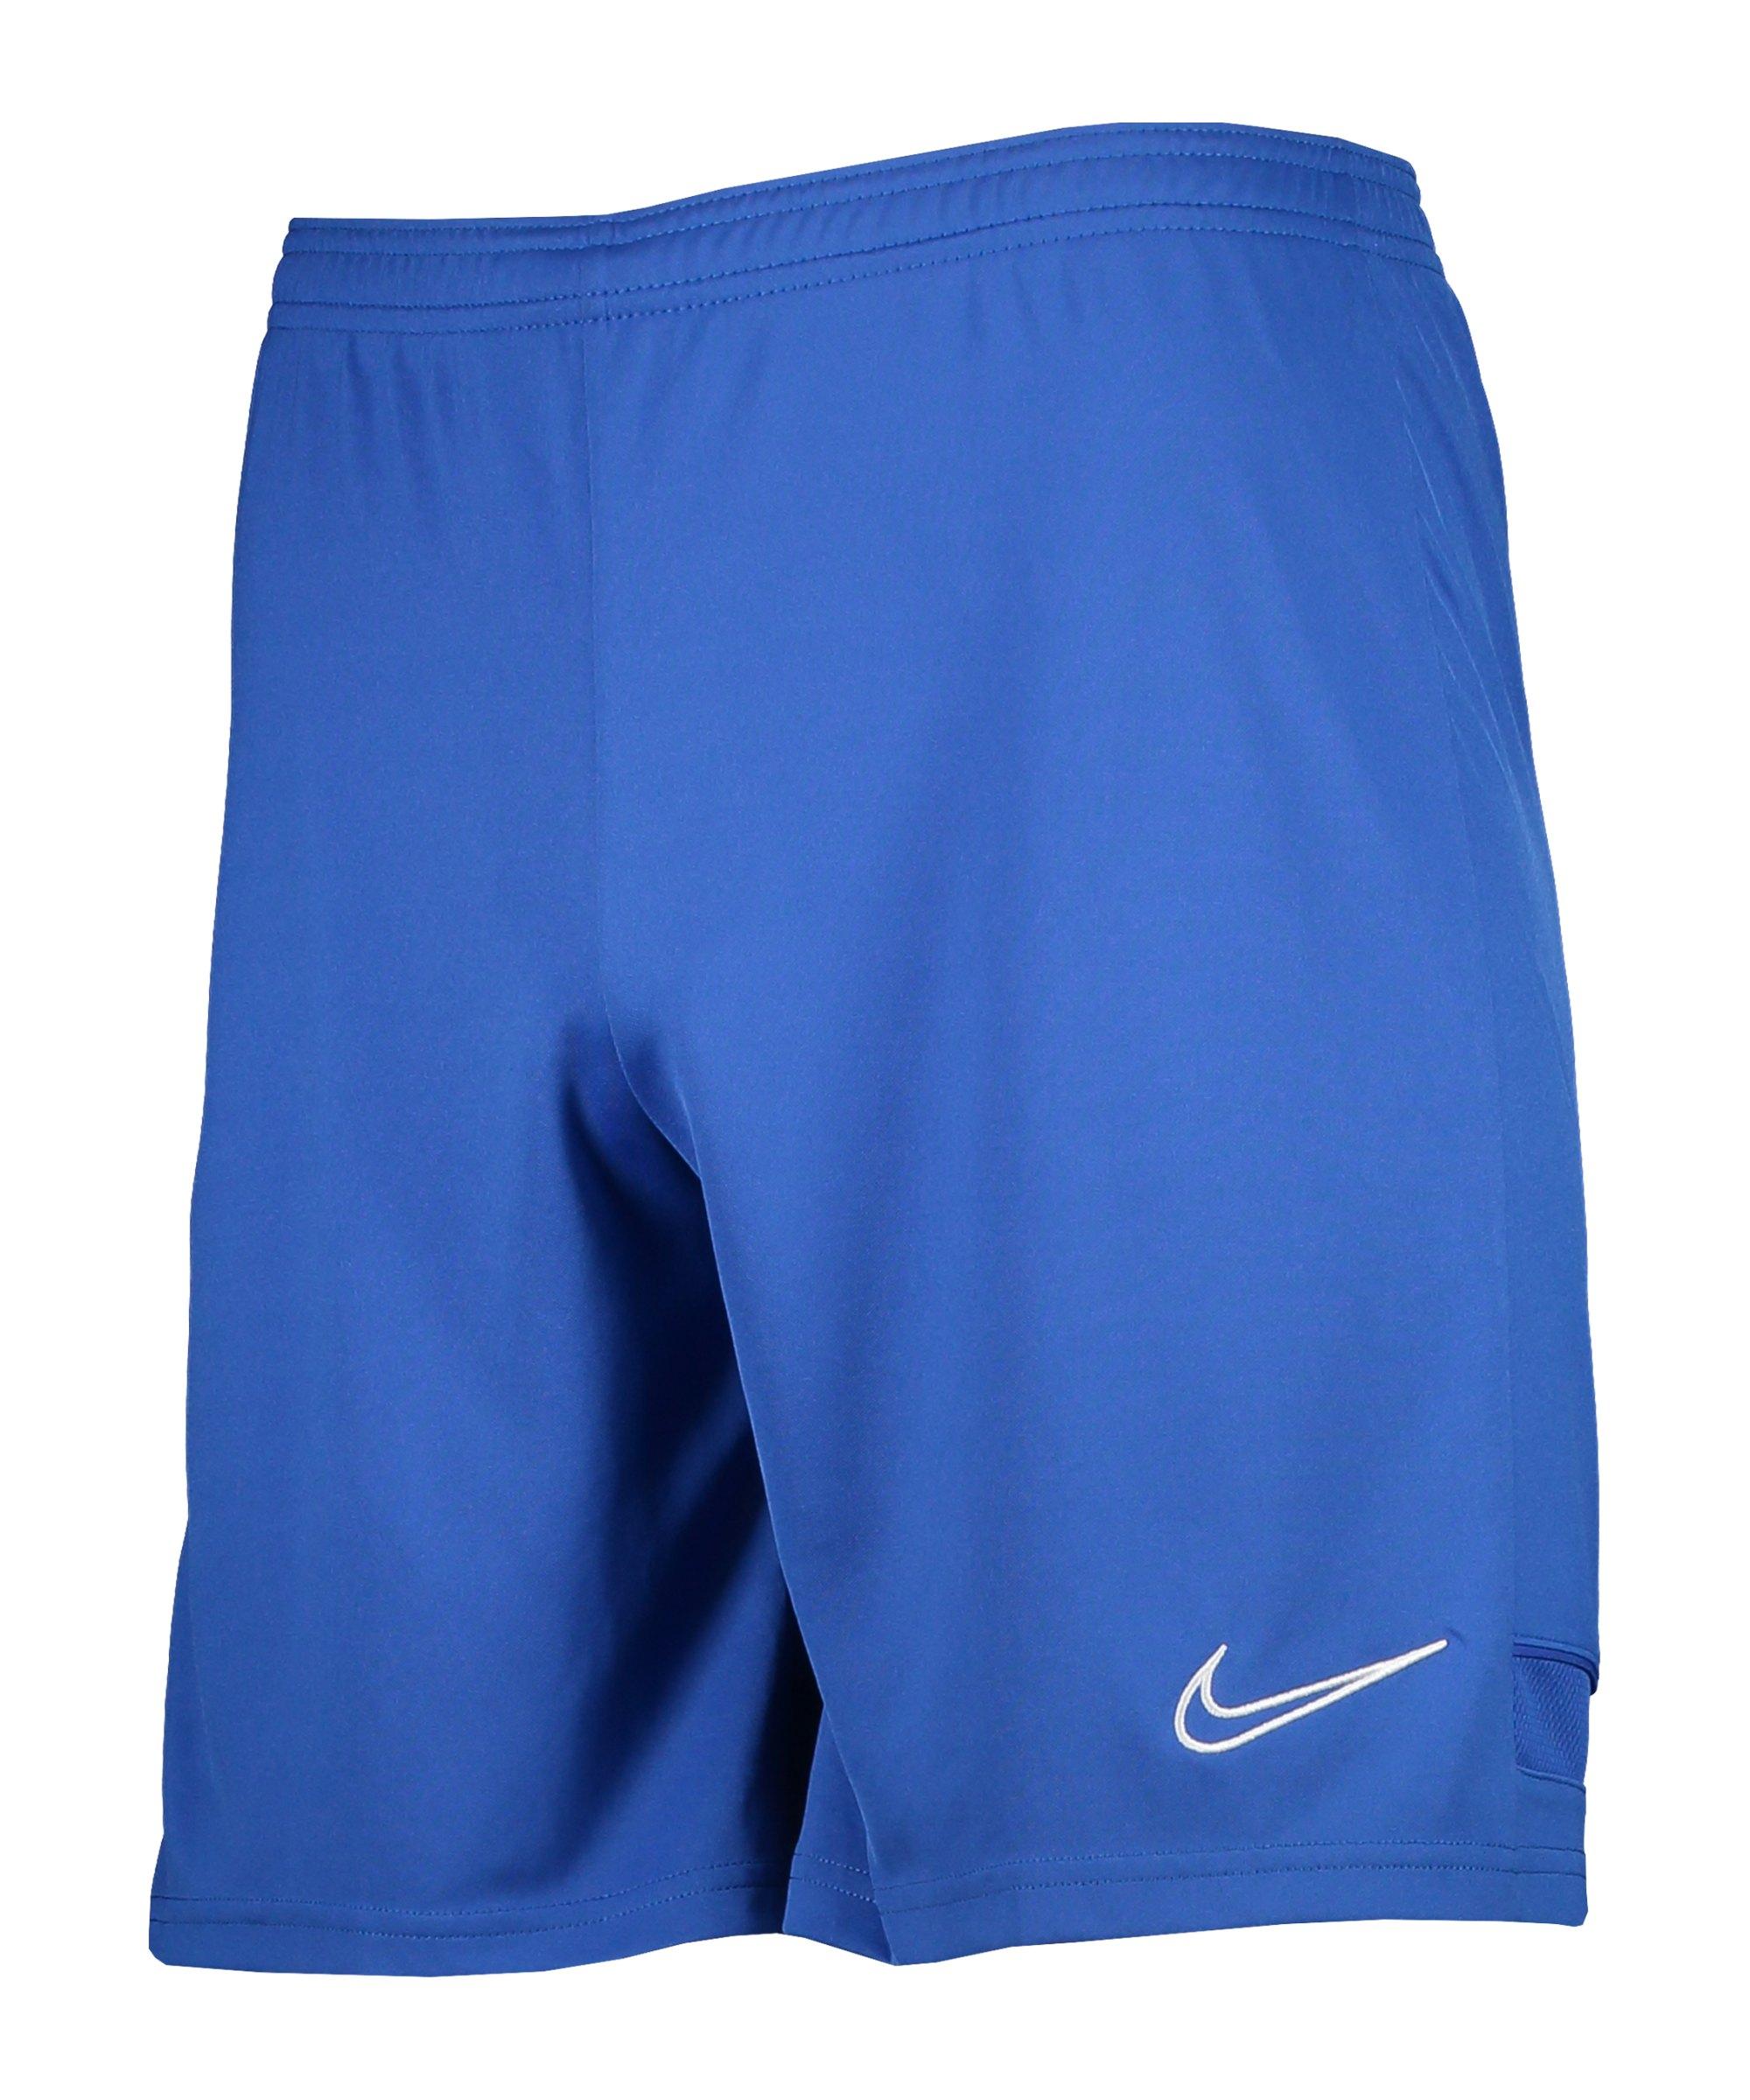 Nike Academy 21 Short Kids Blau Weiss F480 - blau